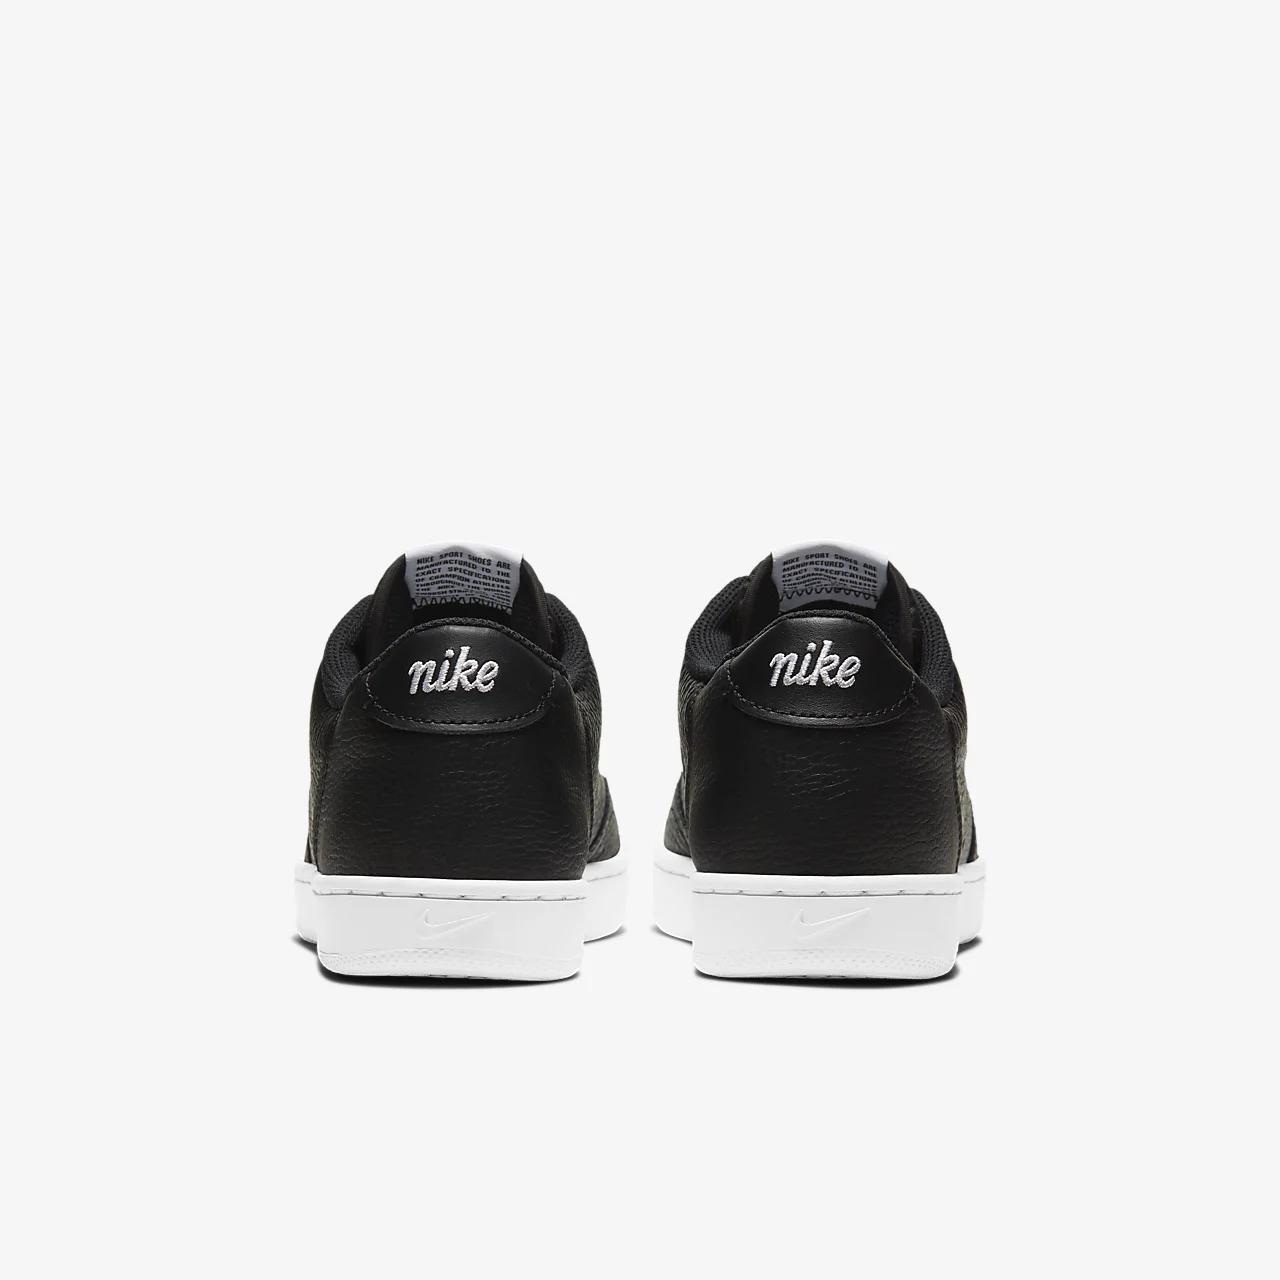 나이키 코트 빈티지 프리미엄 남성 신발 CT1726-002